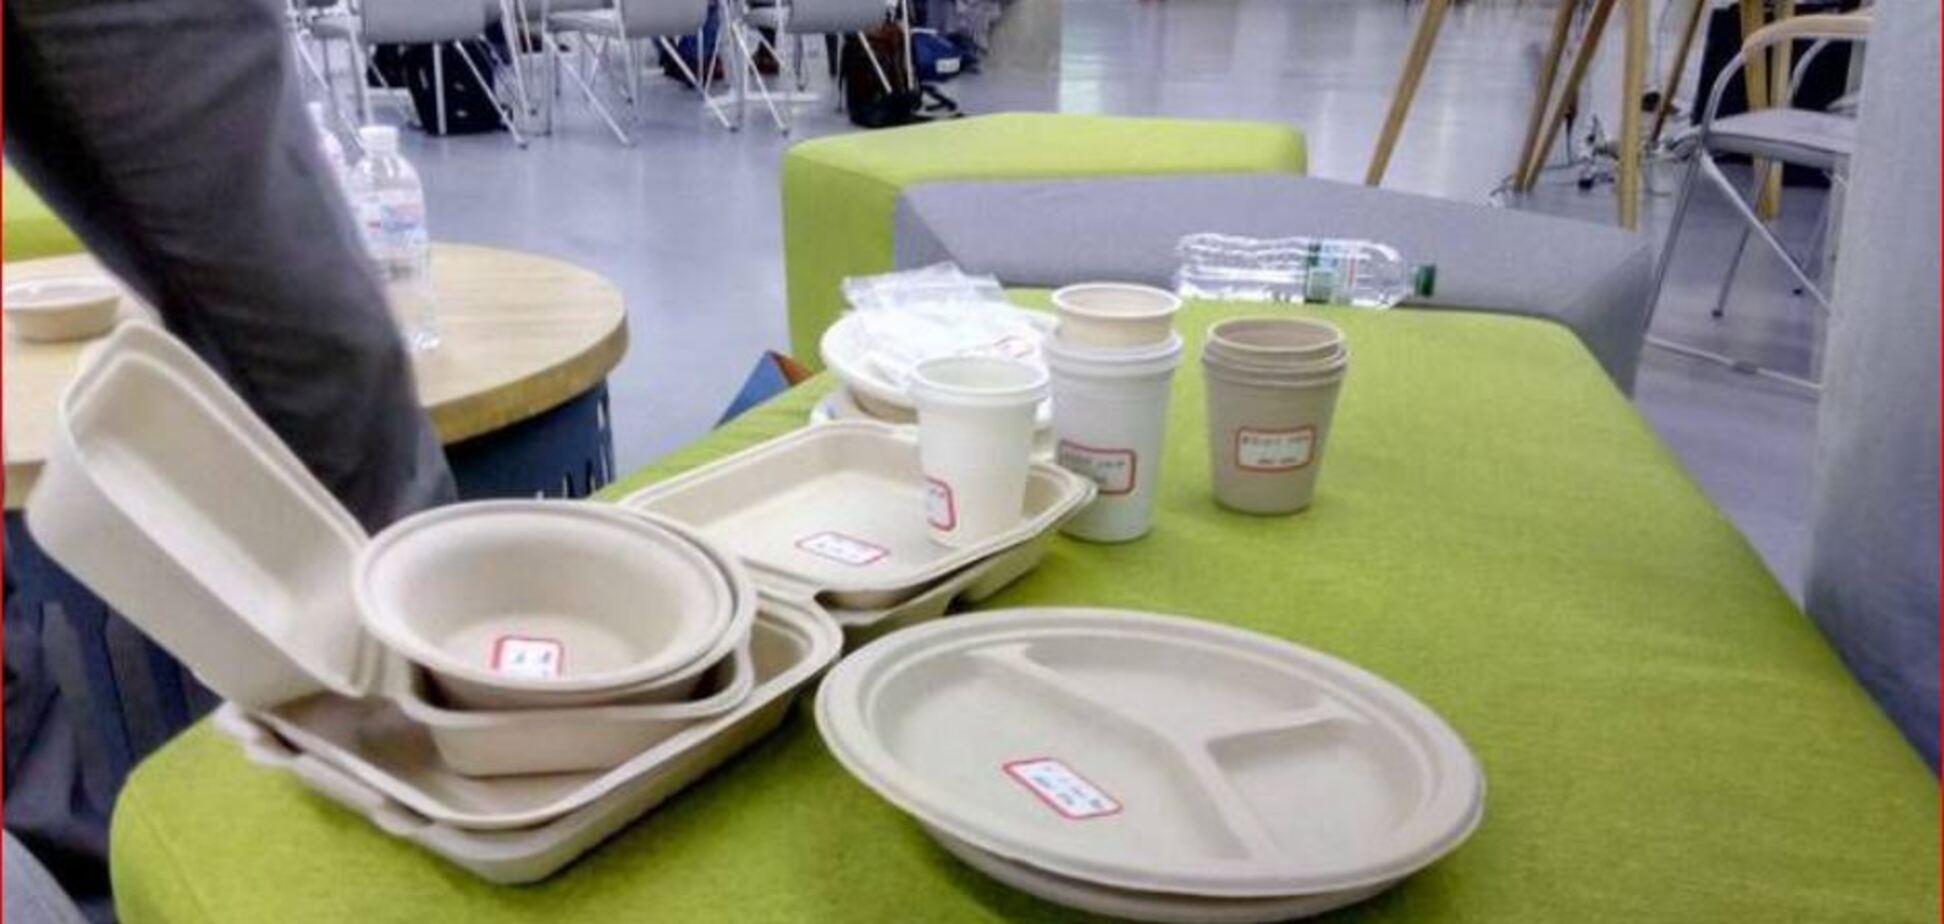 Розкладається за півтора місяці: в українській Венеції вироблятимуть унікальний еко-посуд